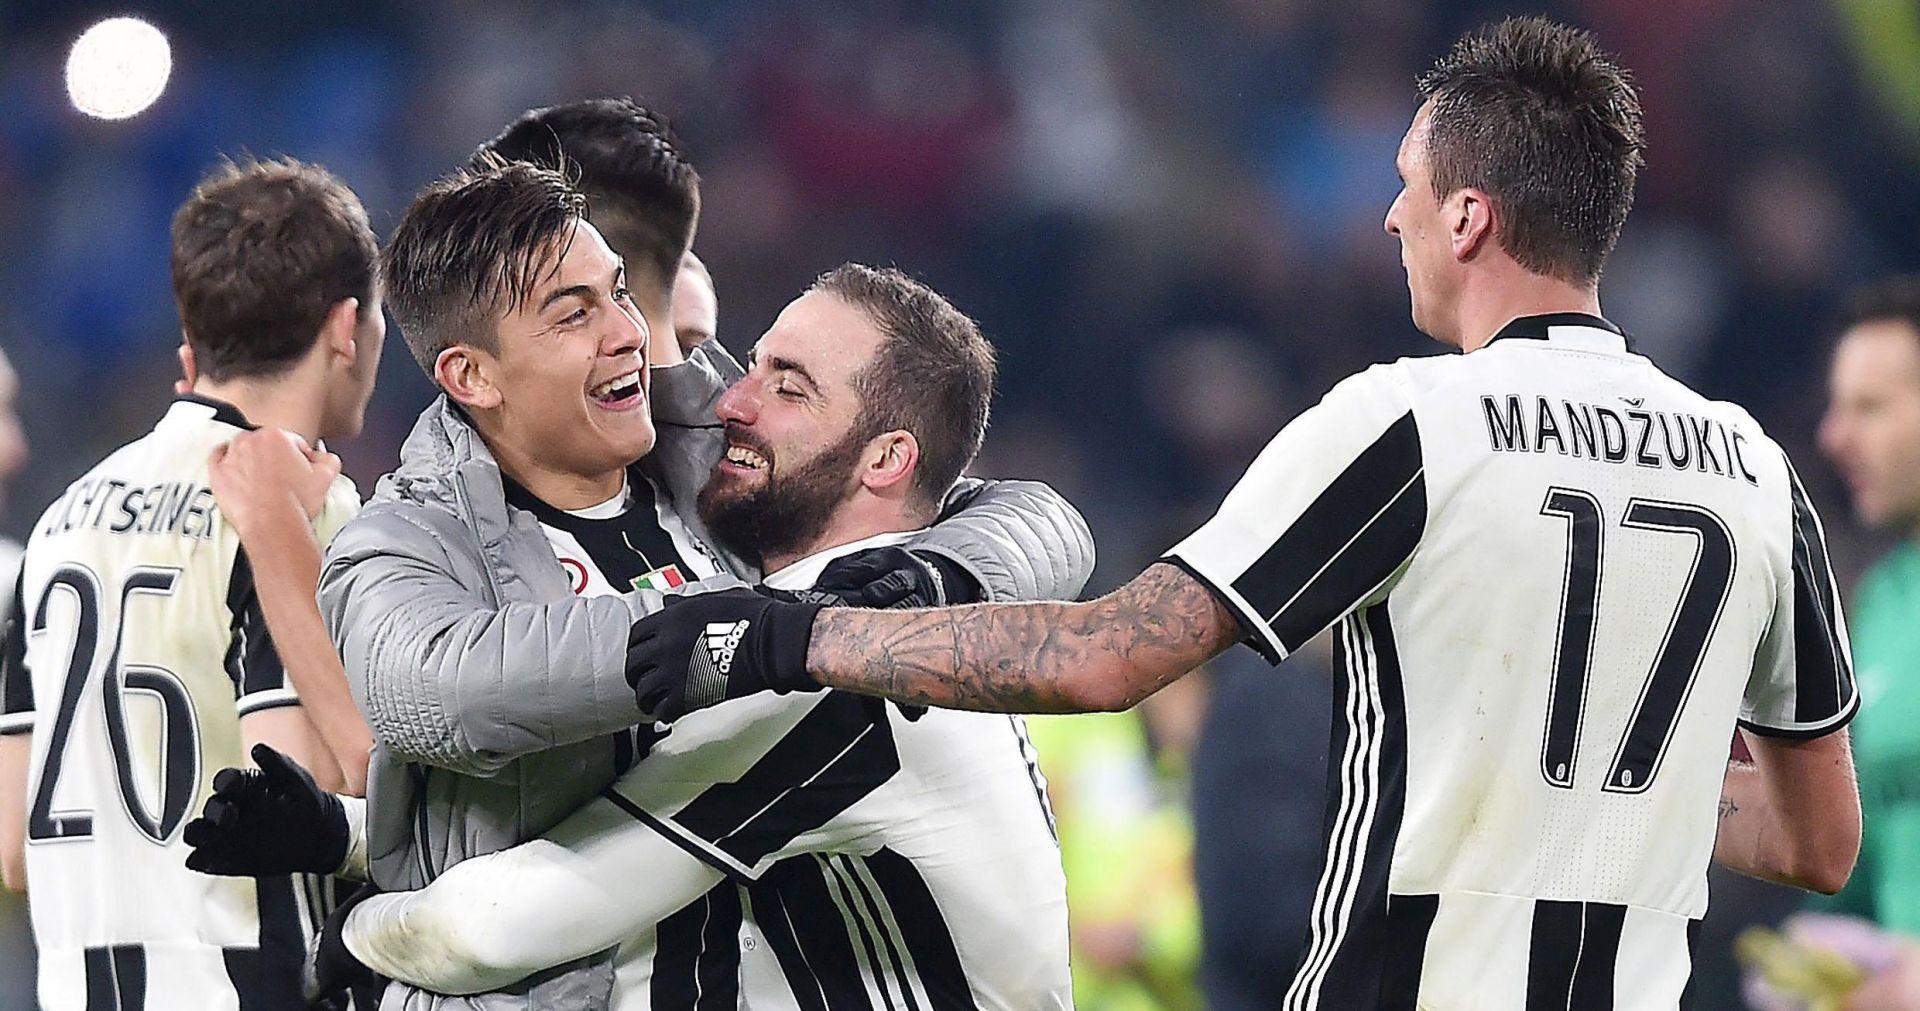 SERIE A Higuain dvostruki strijelac u slavlju Juventusa, Mandžukiću 90 minuta